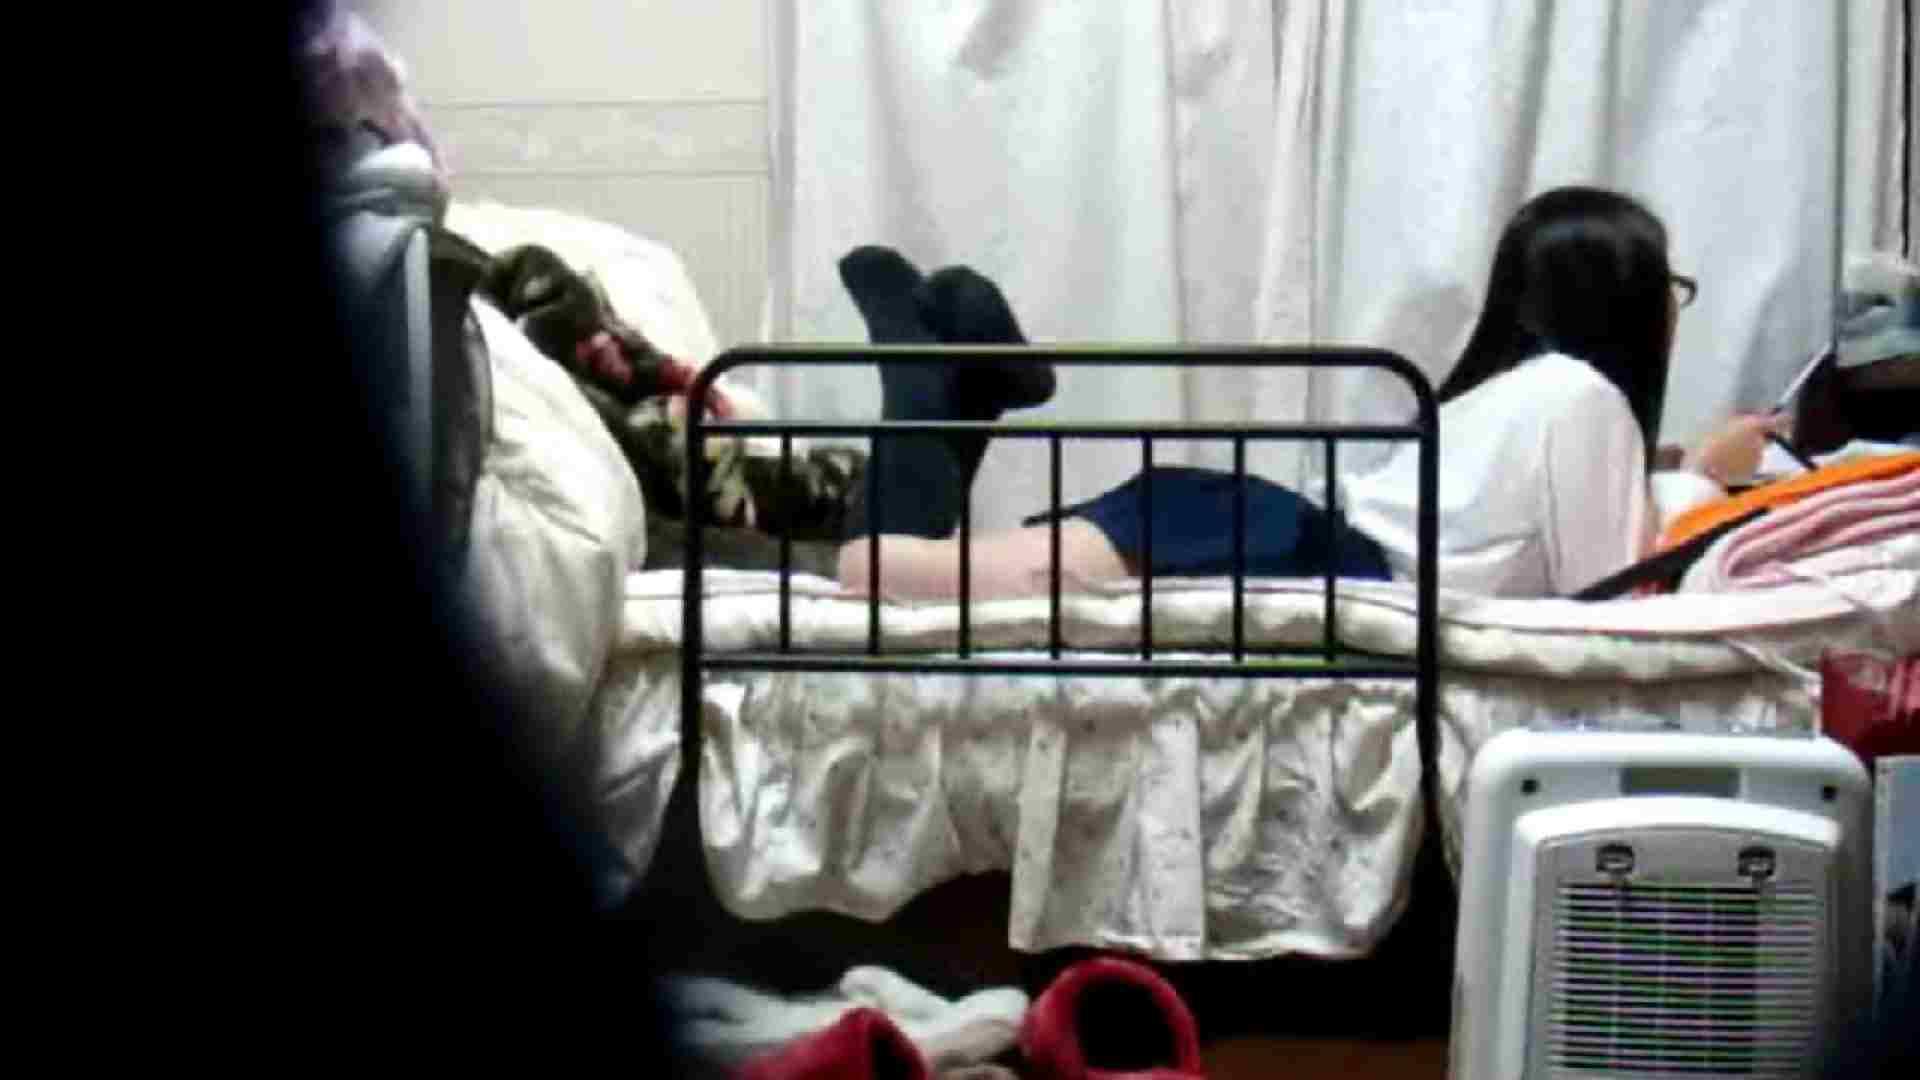 vol.4 まどかの帰宅後の部屋、ベッドで何かが始まります。 ギャル攻め | オナニーシーン  100画像 33